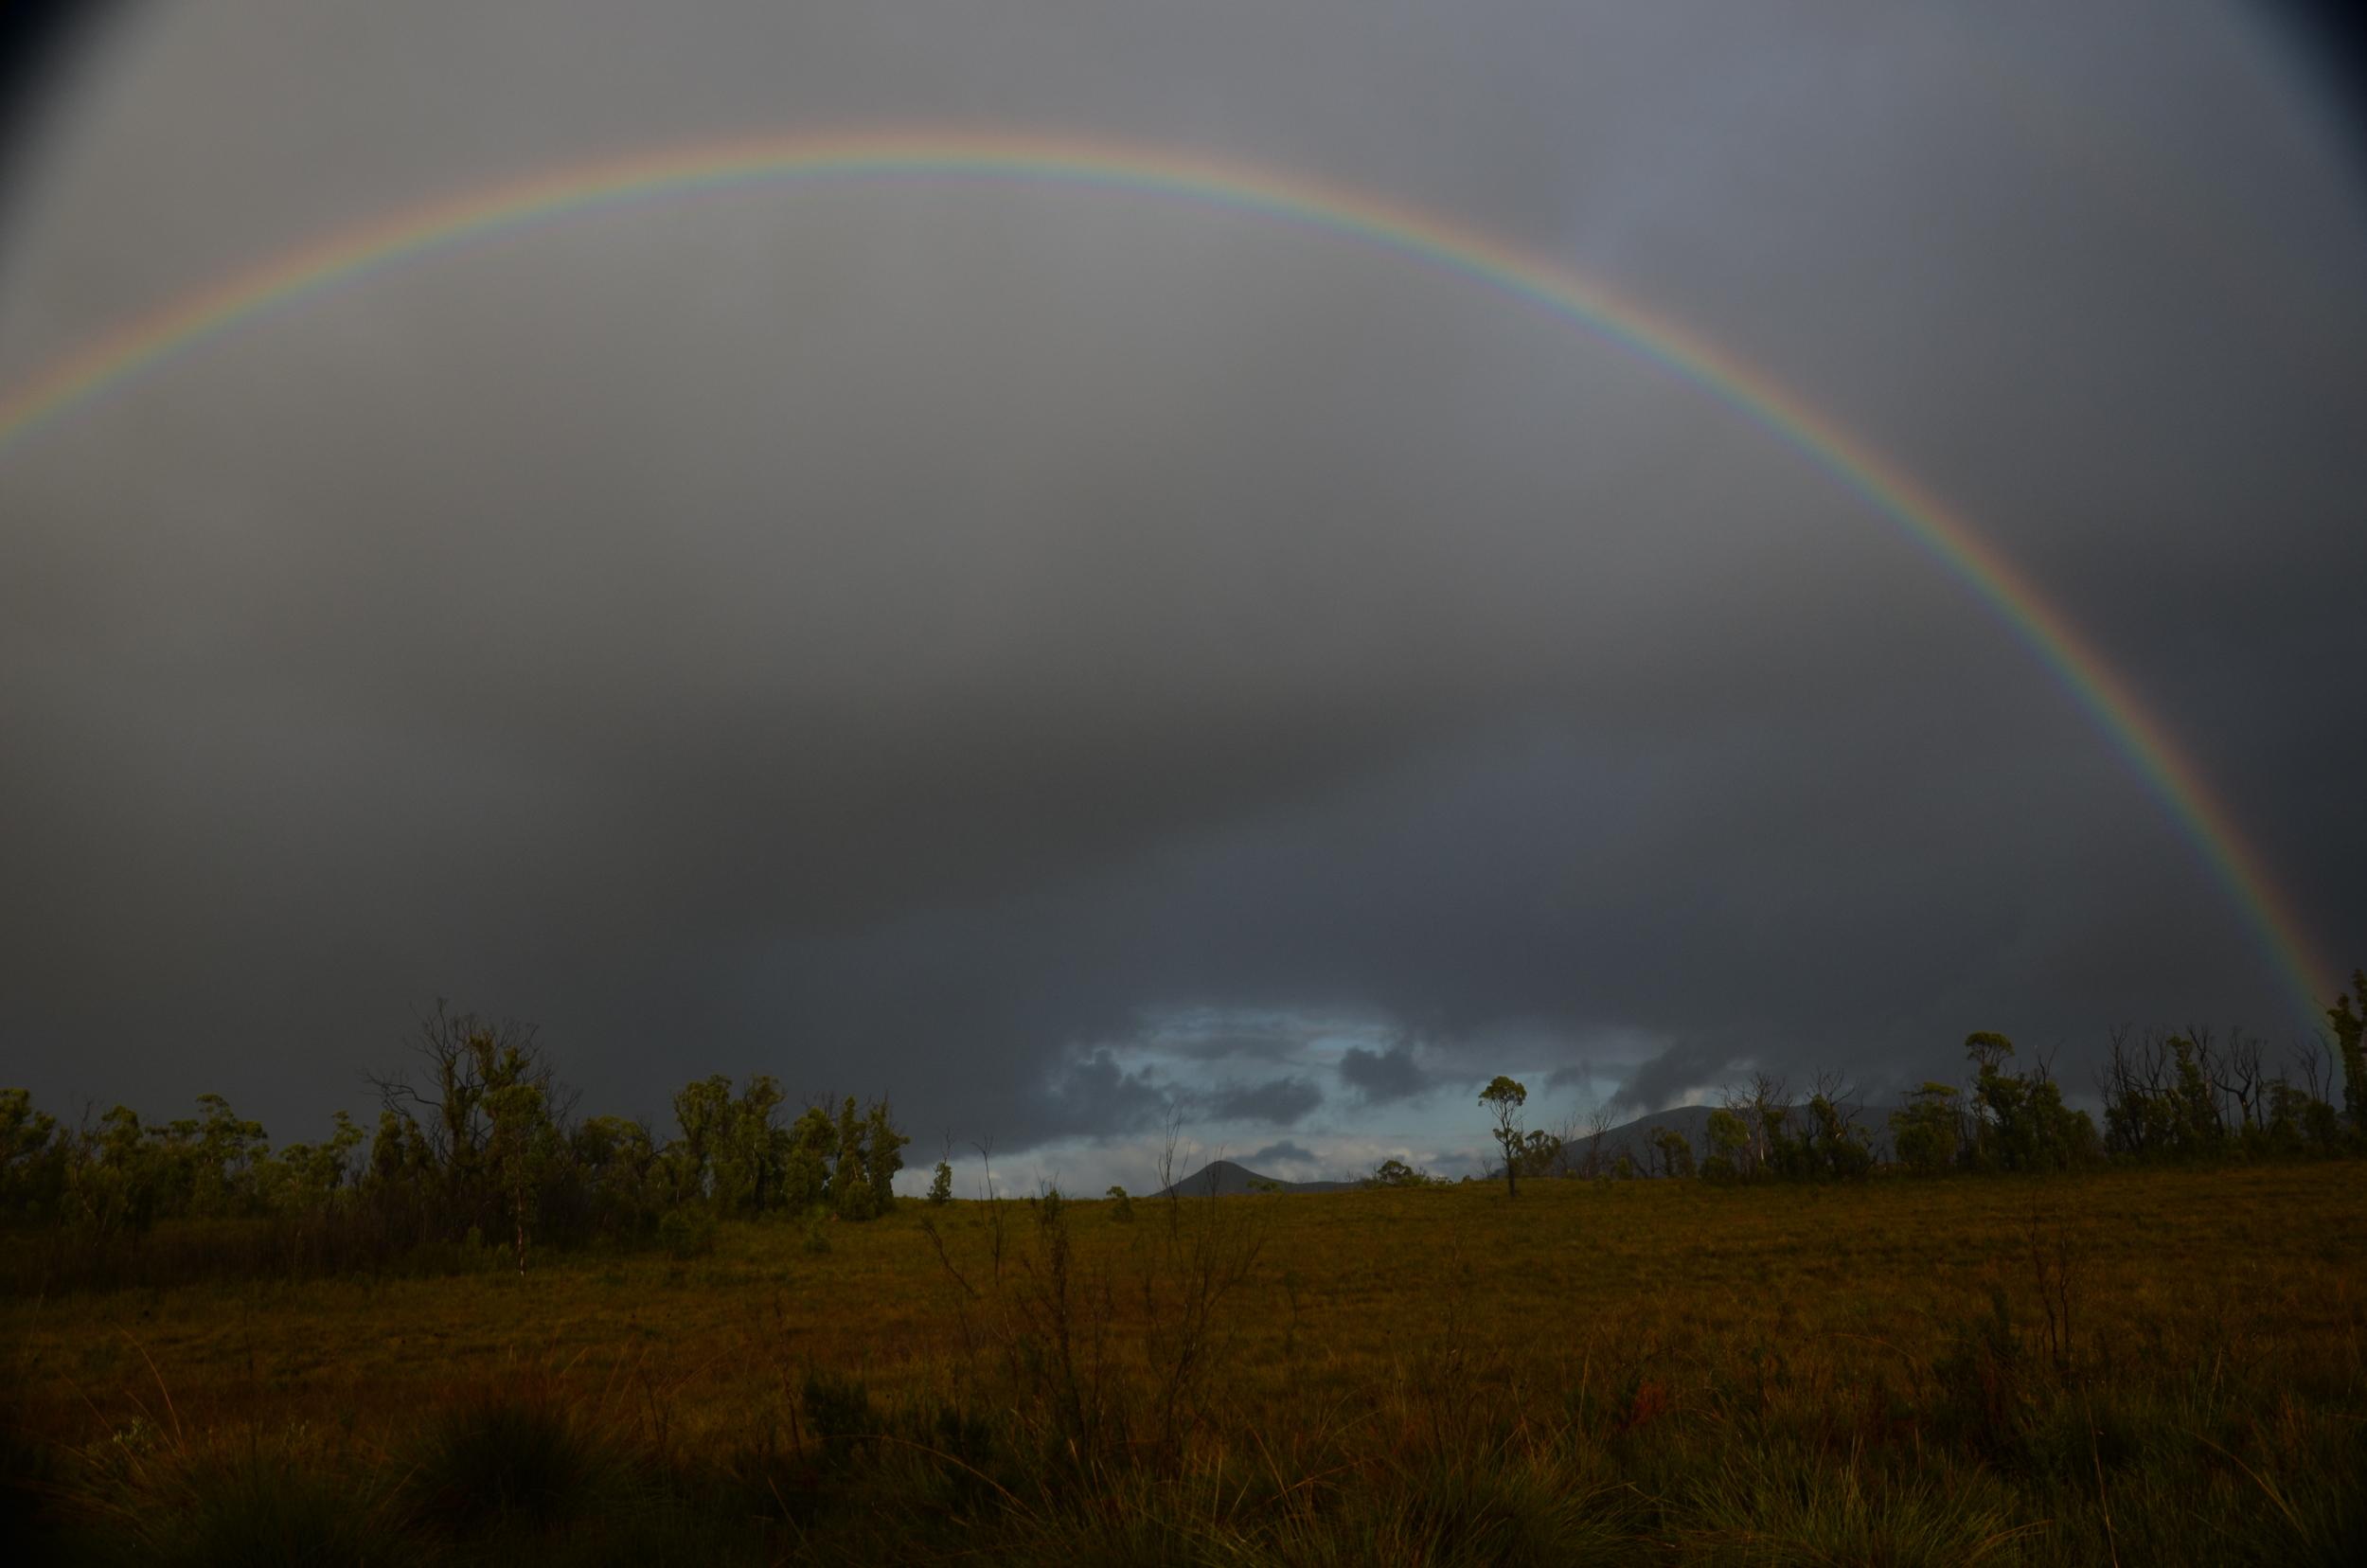 We saw many amazing rainbows  today!